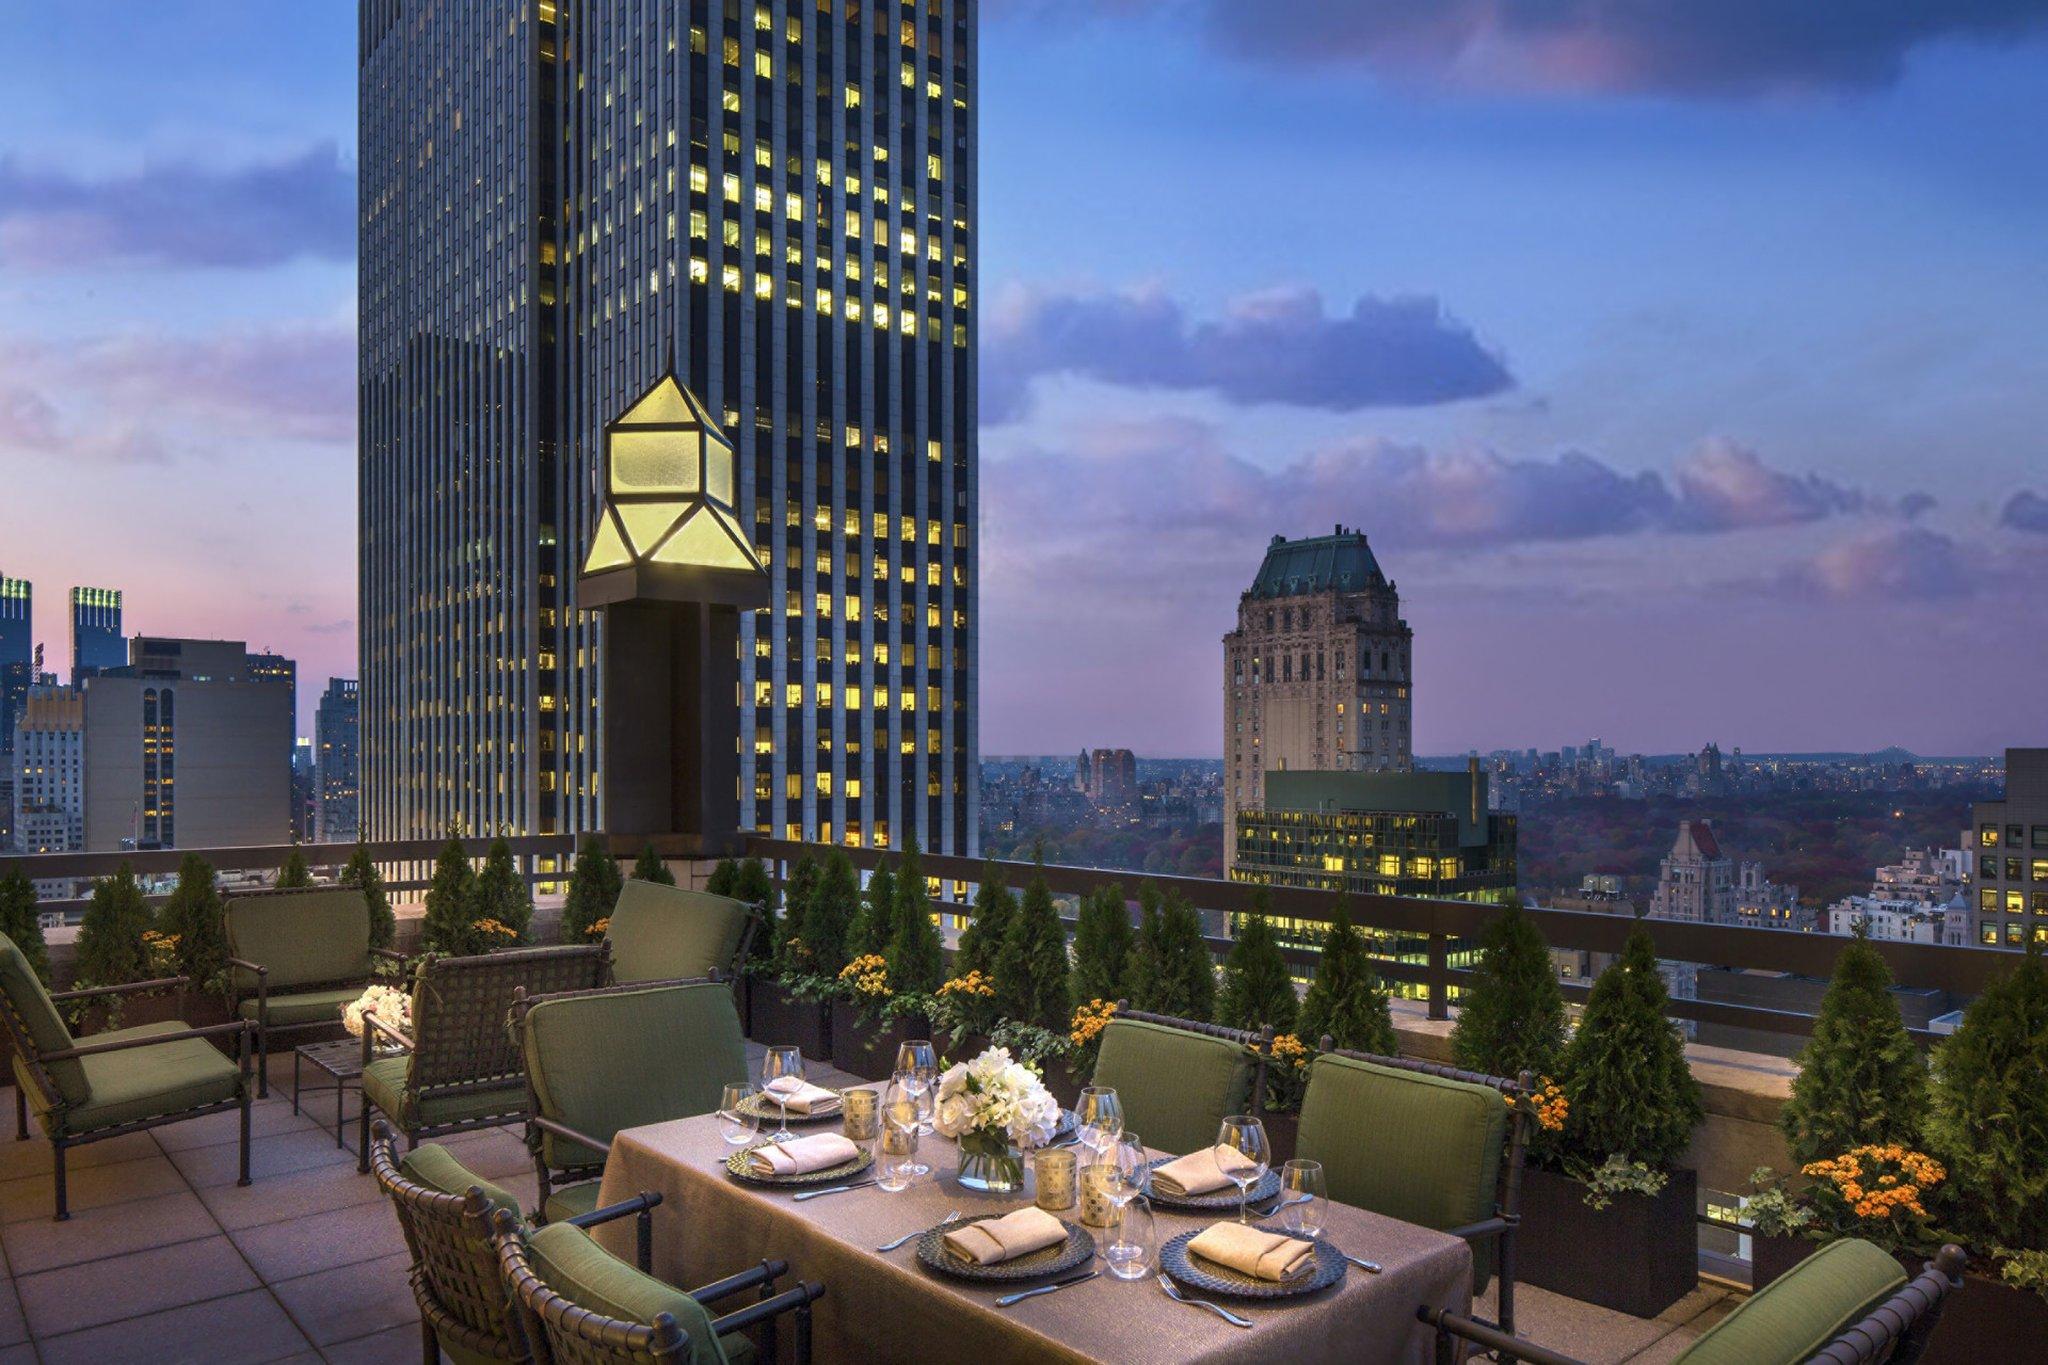 โรงแรมโฟร์ซีซั่น นิวยอร์ก